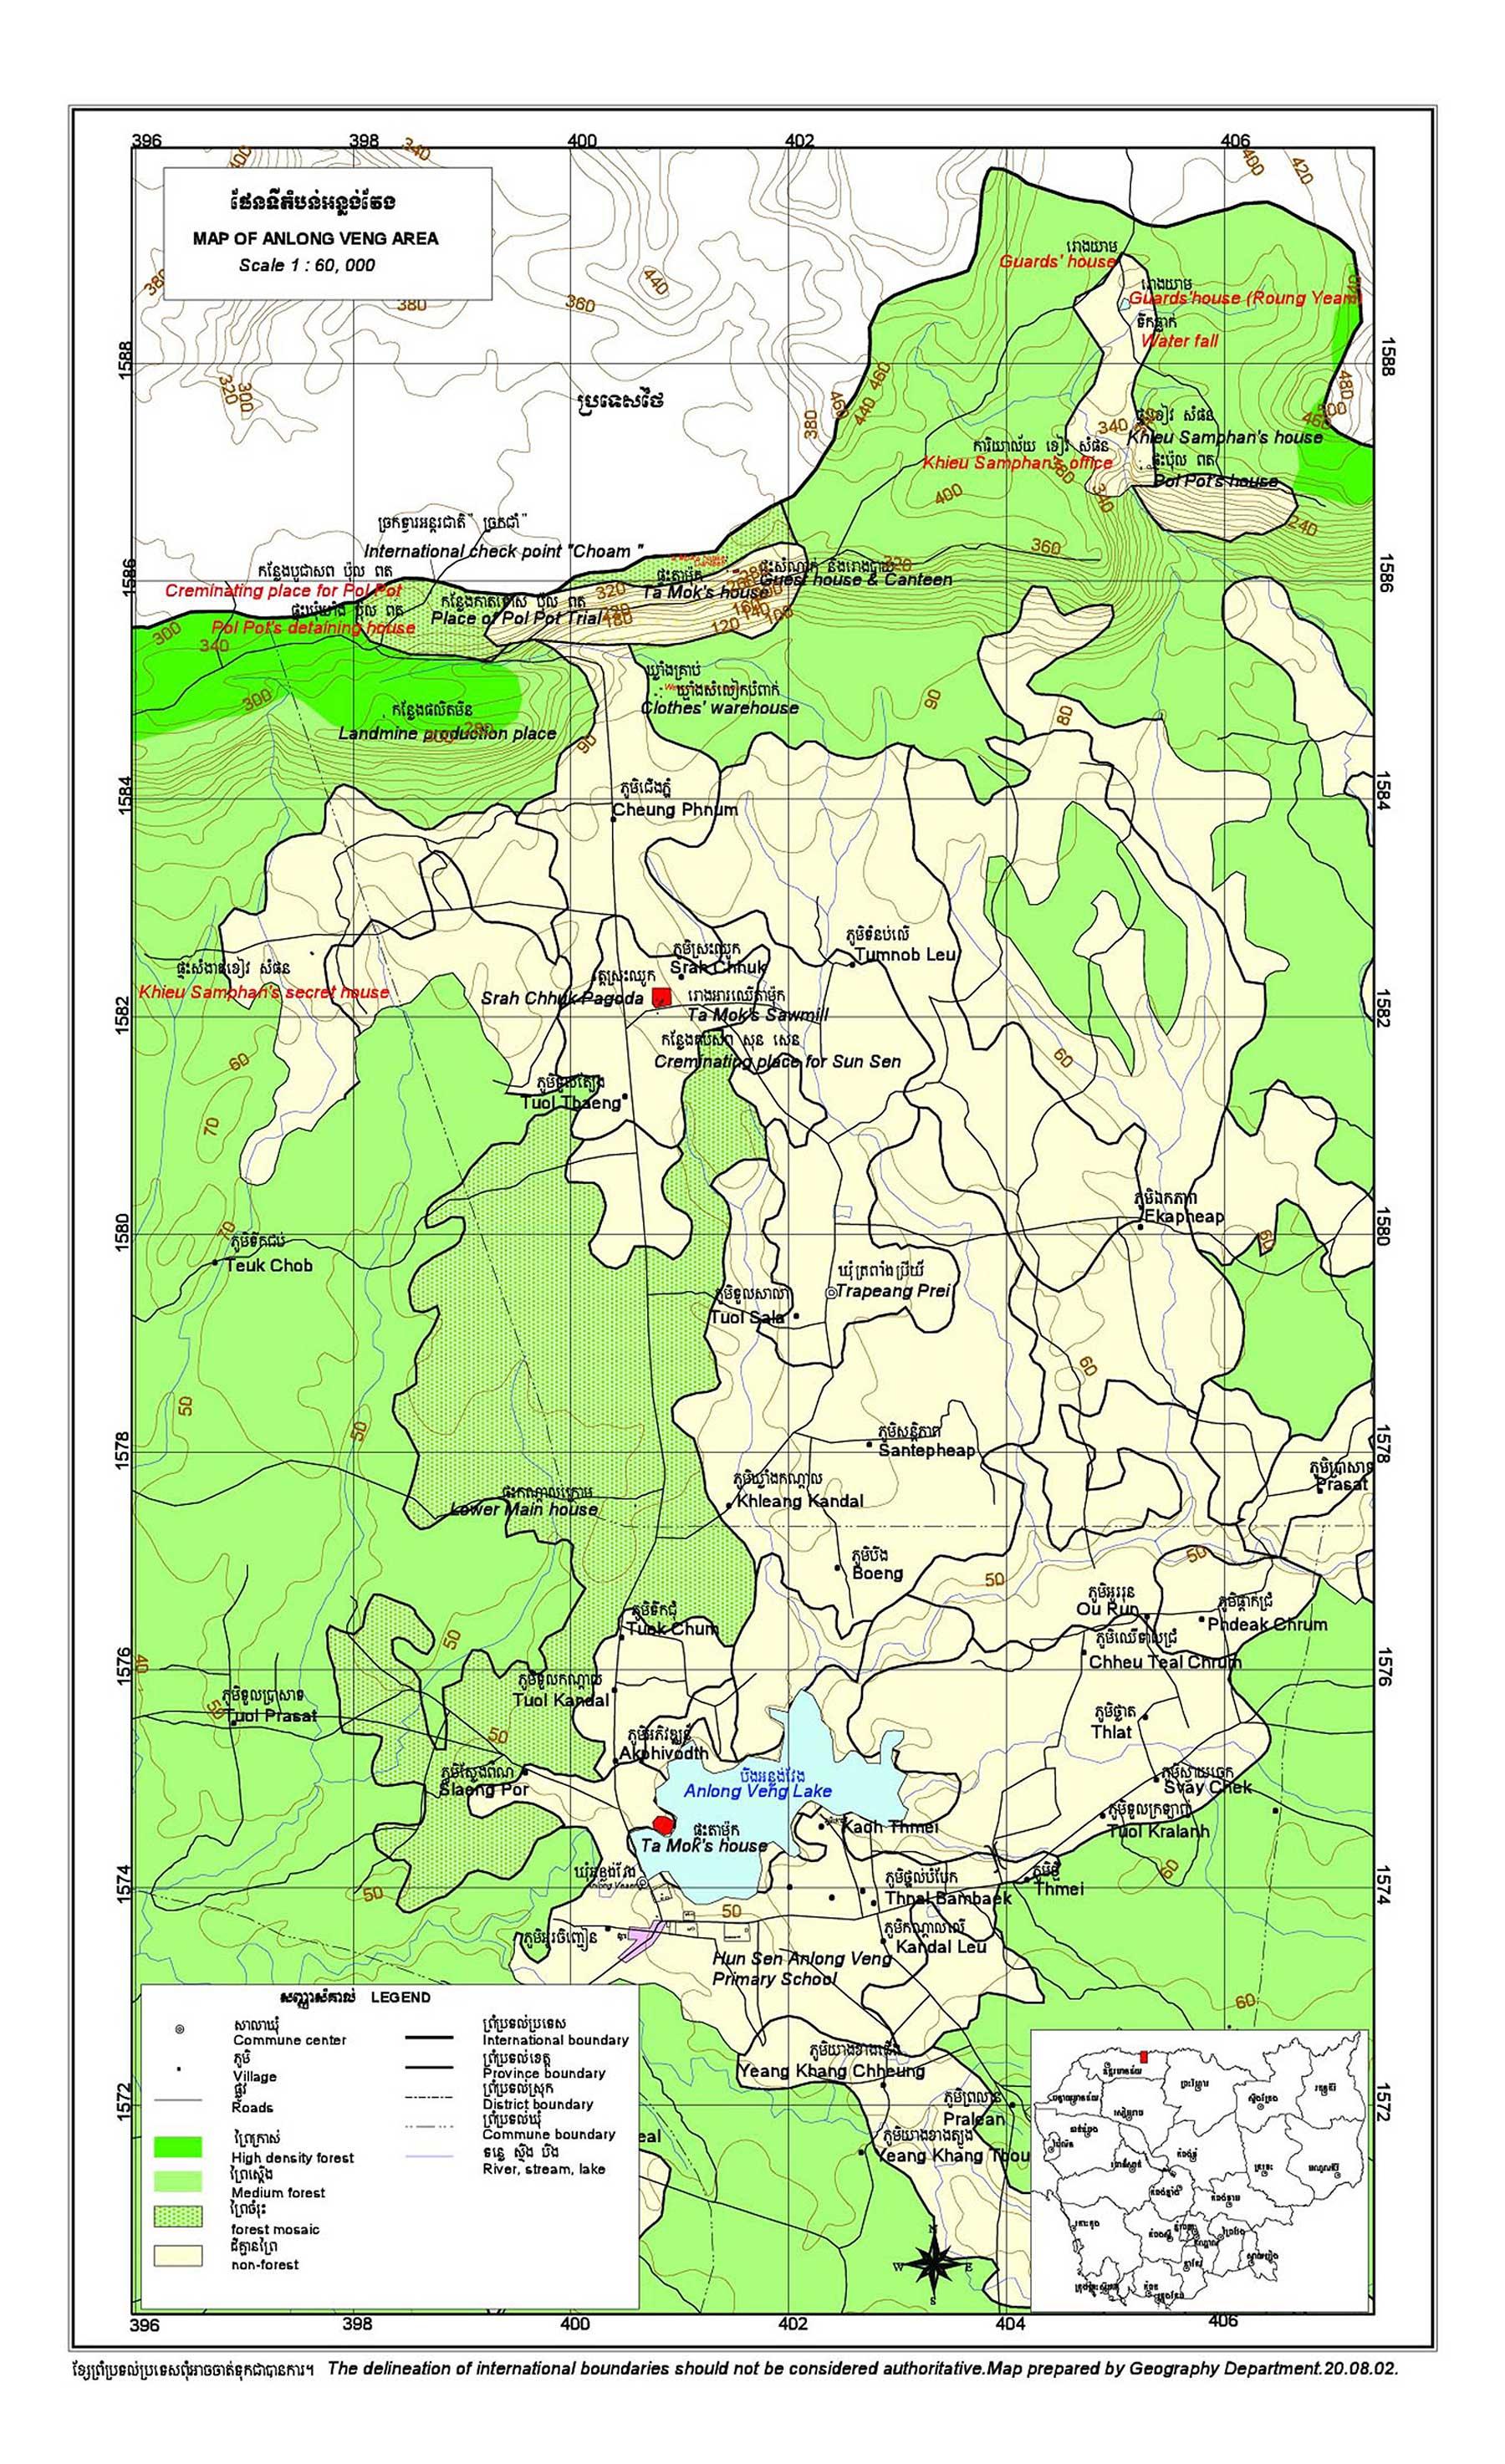 MAP OF ANLONG VENG 2002 (2015)